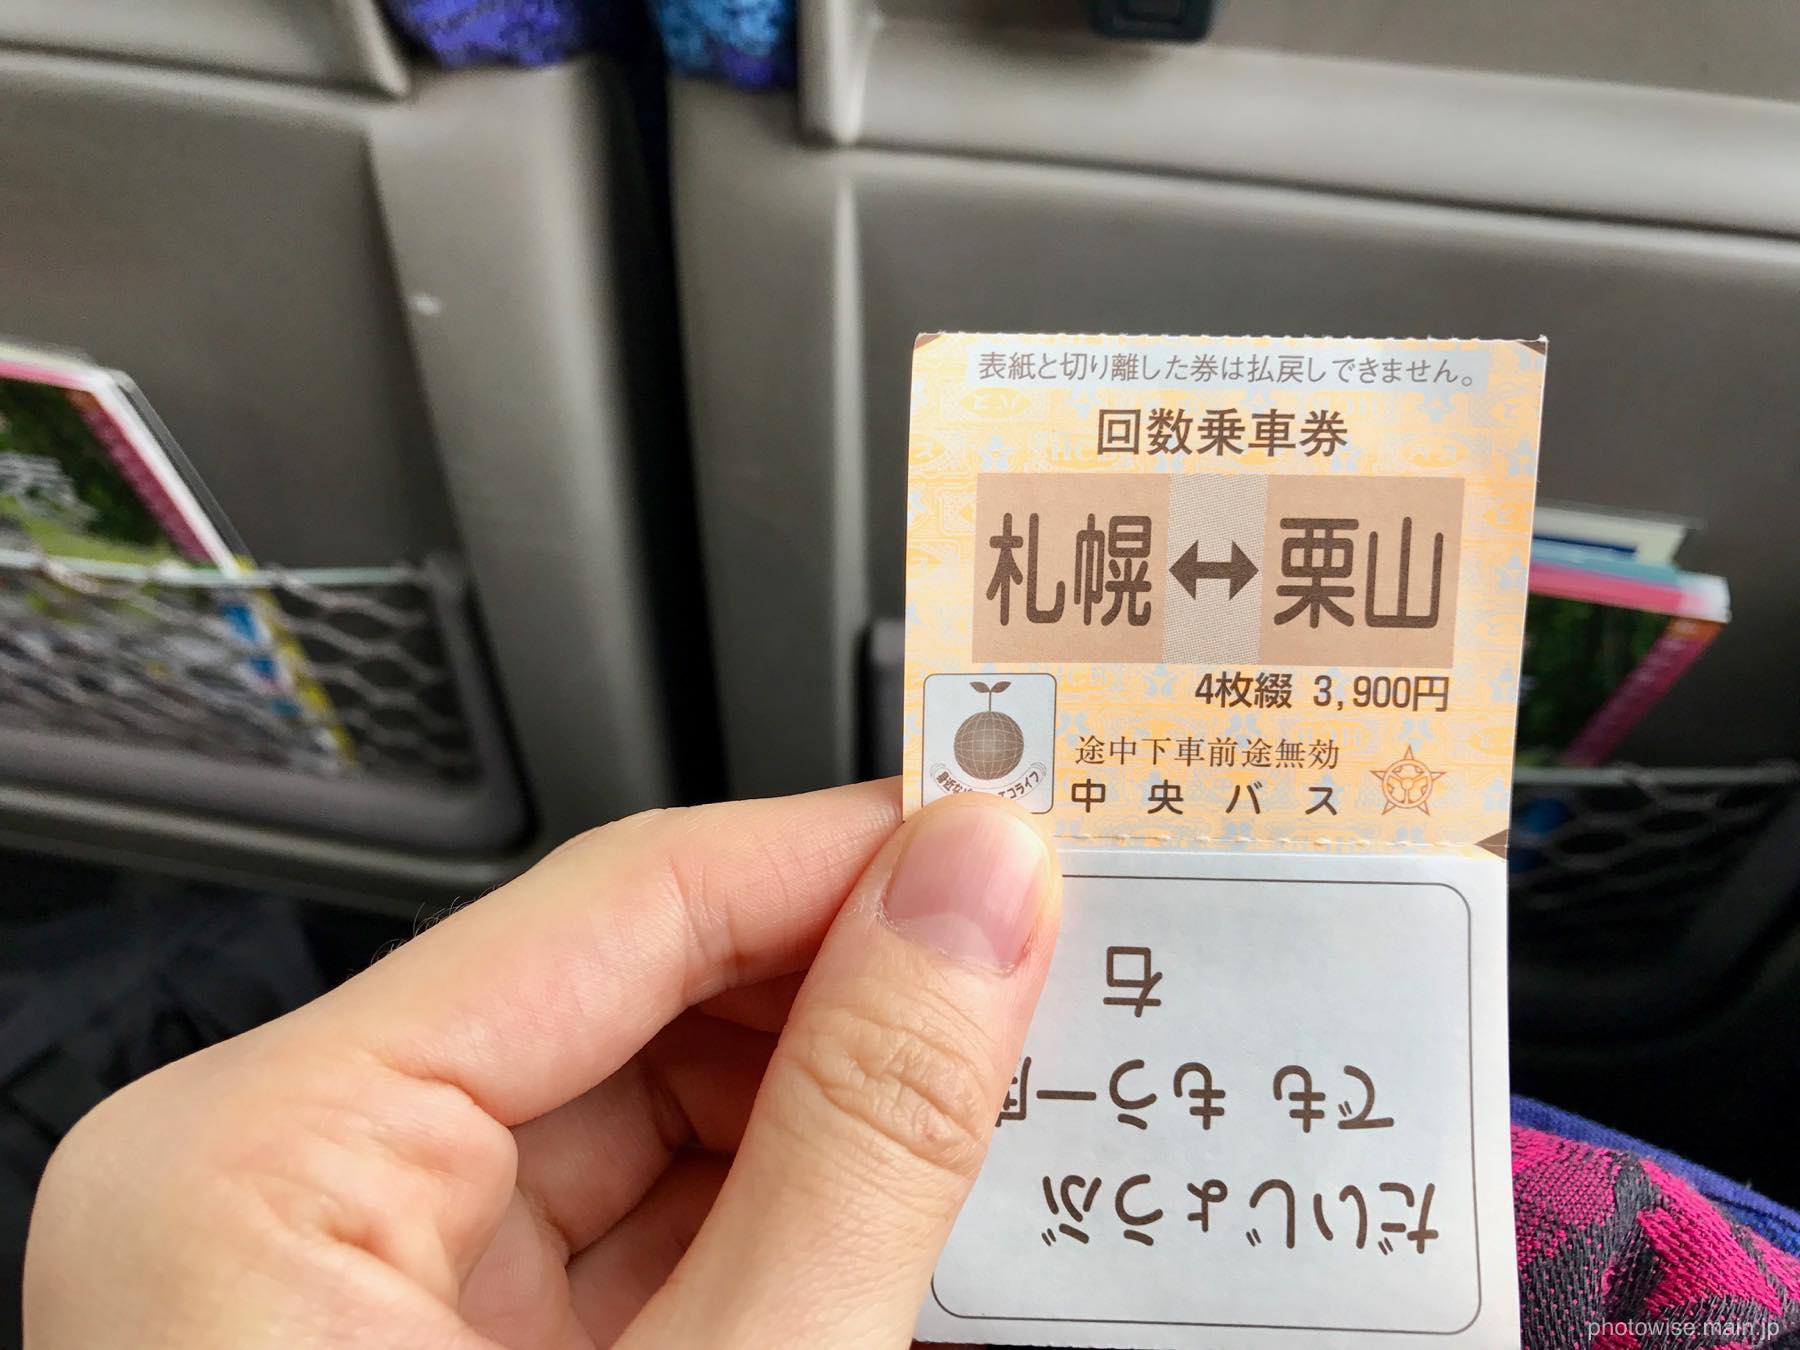 バス回数券